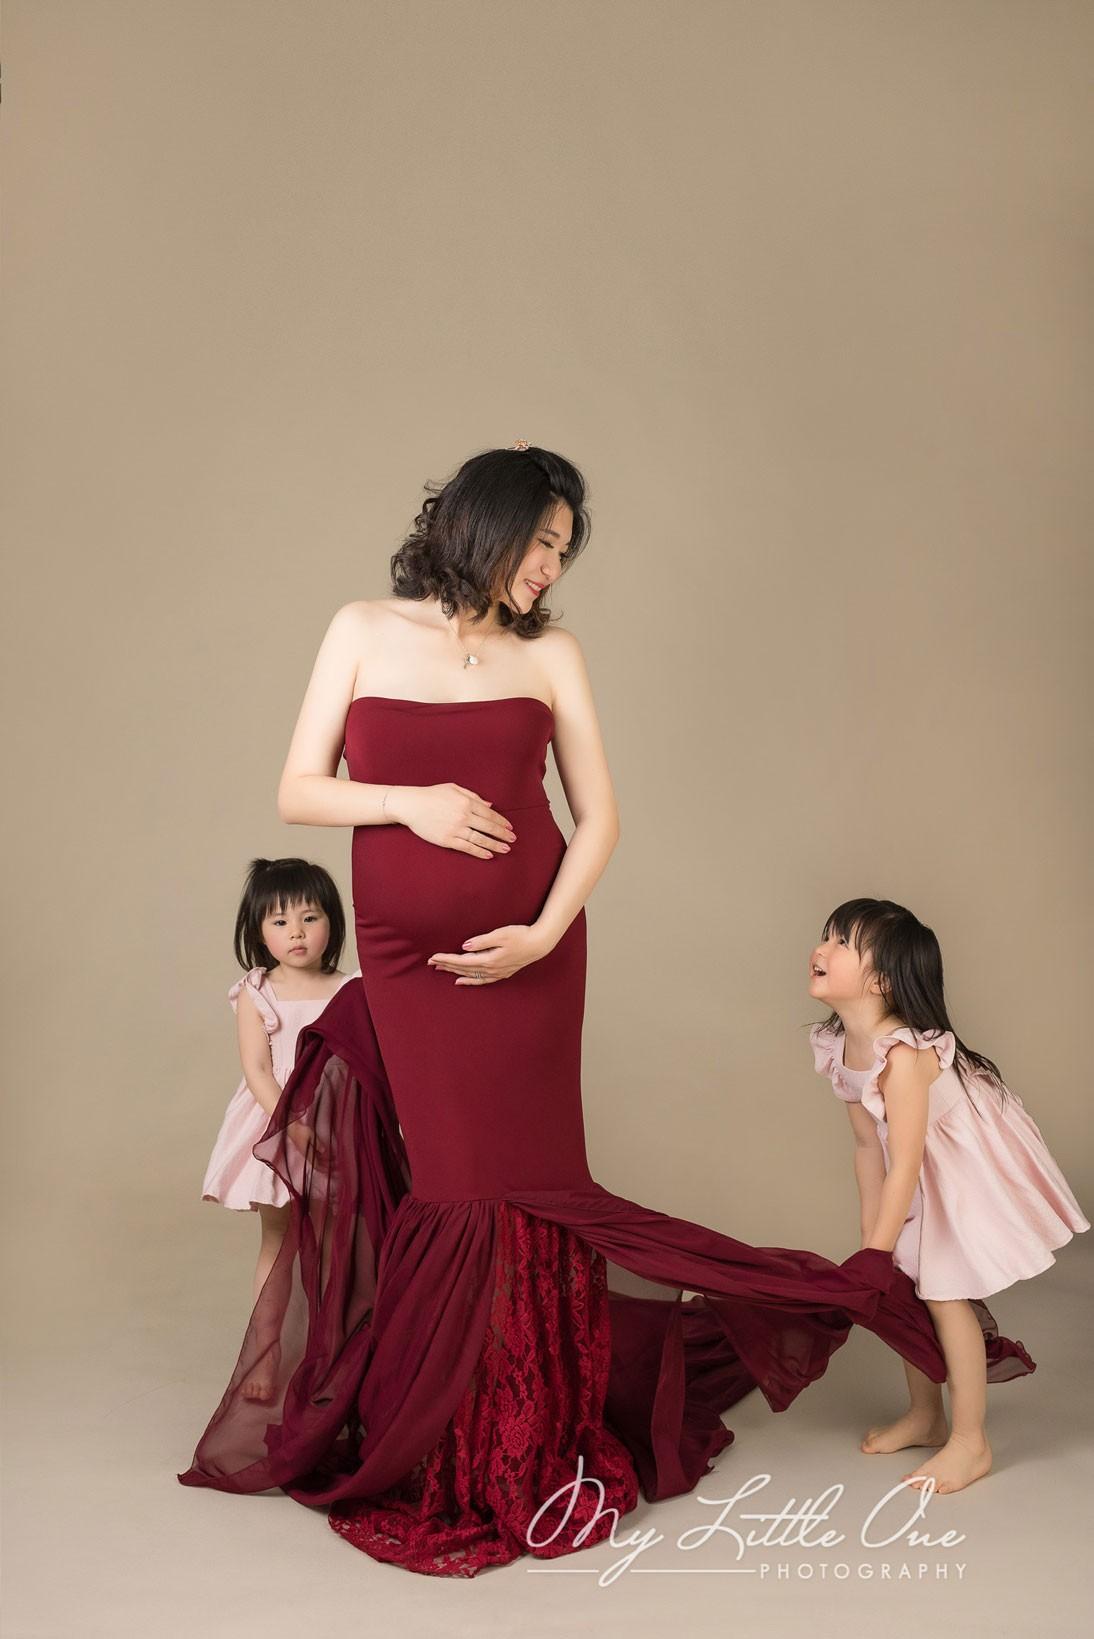 Sydney-Maternity-Photo-Rachel-Liu-37